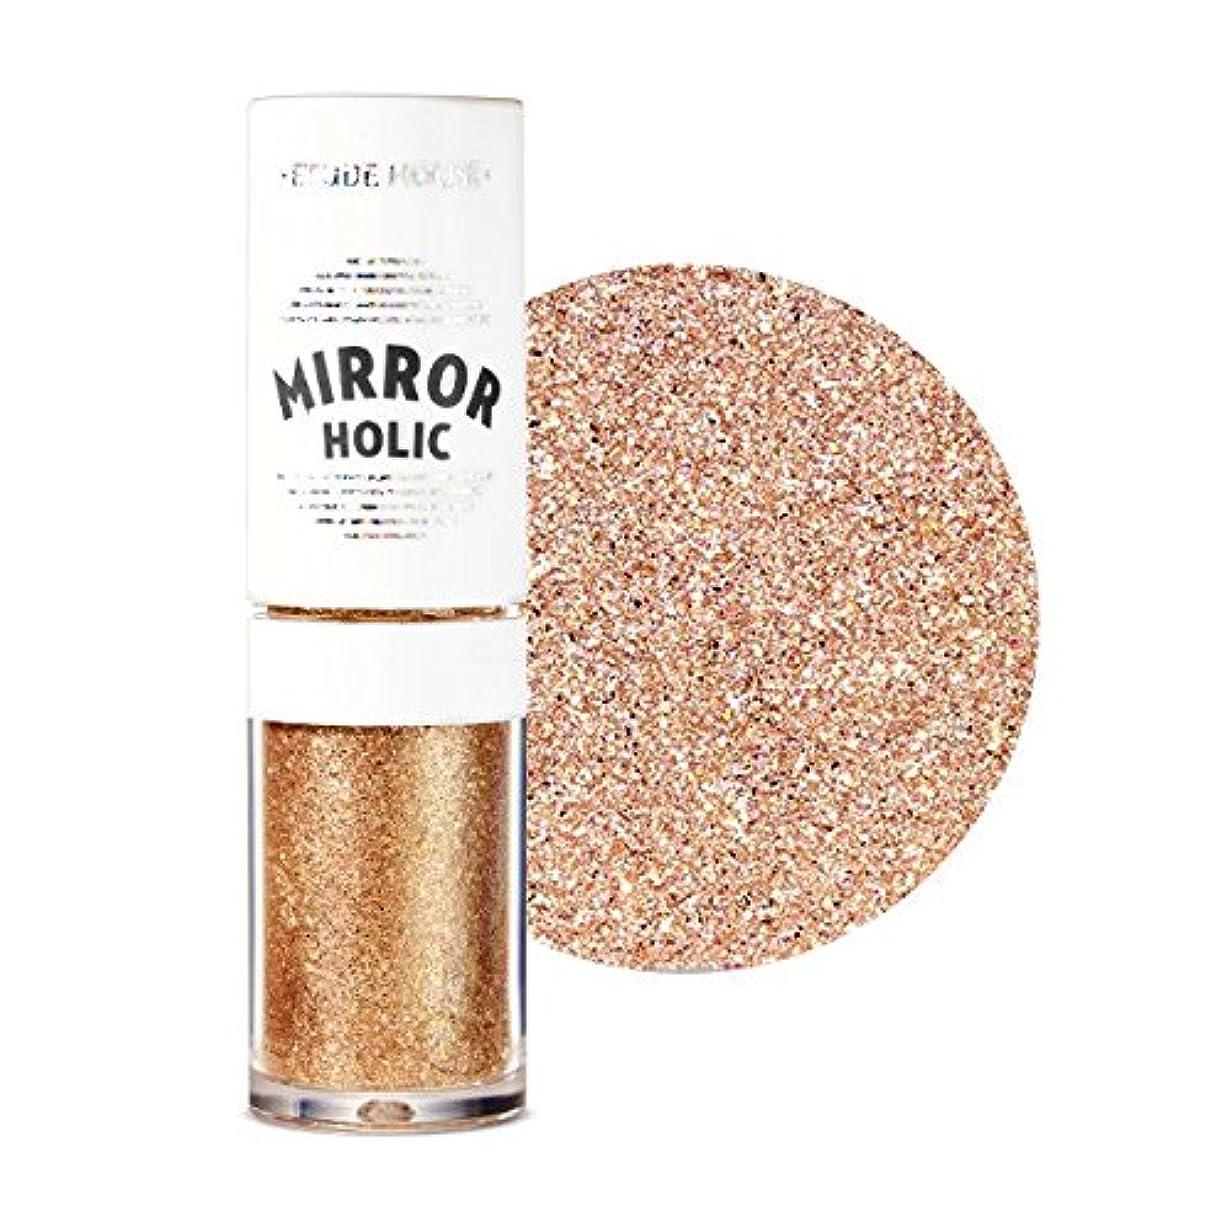 手書き炭素州ETUDE HOUSE Mirror Holic Liquid Eyes / エチュードハウス ミラーホリックリキッドアイズ ミラーホリックリキッドアイズ (BE101) [並行輸入品]